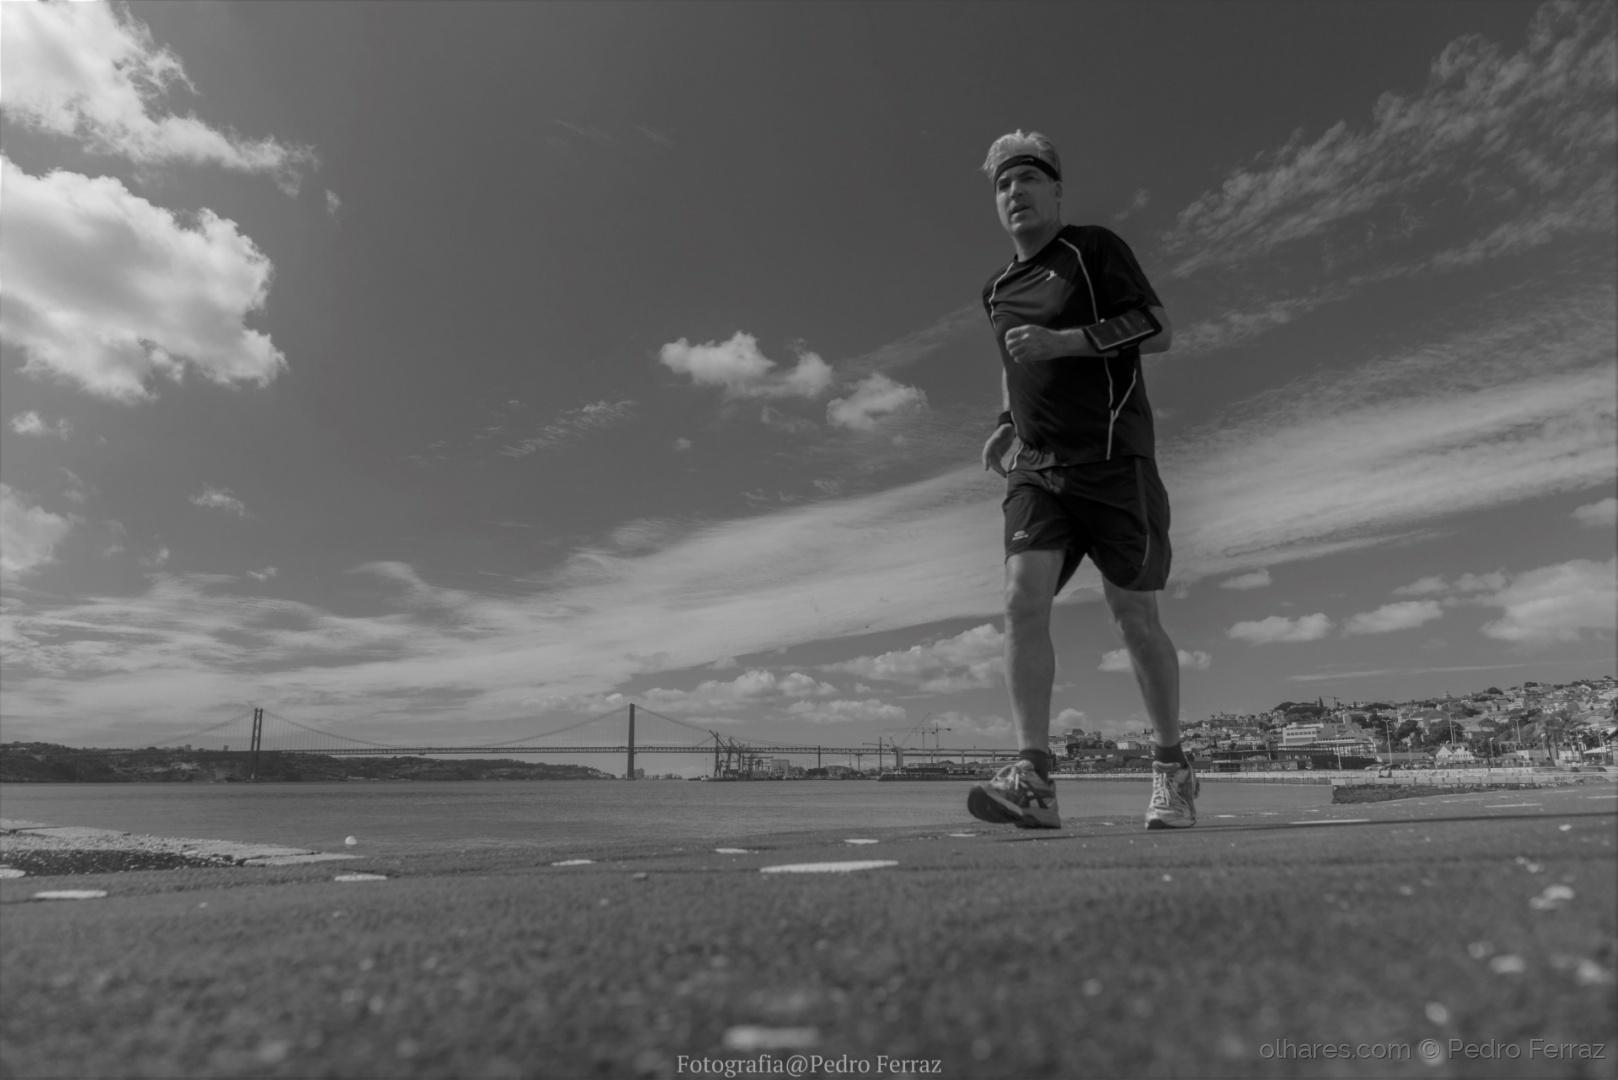 Desporto e Ação/Running